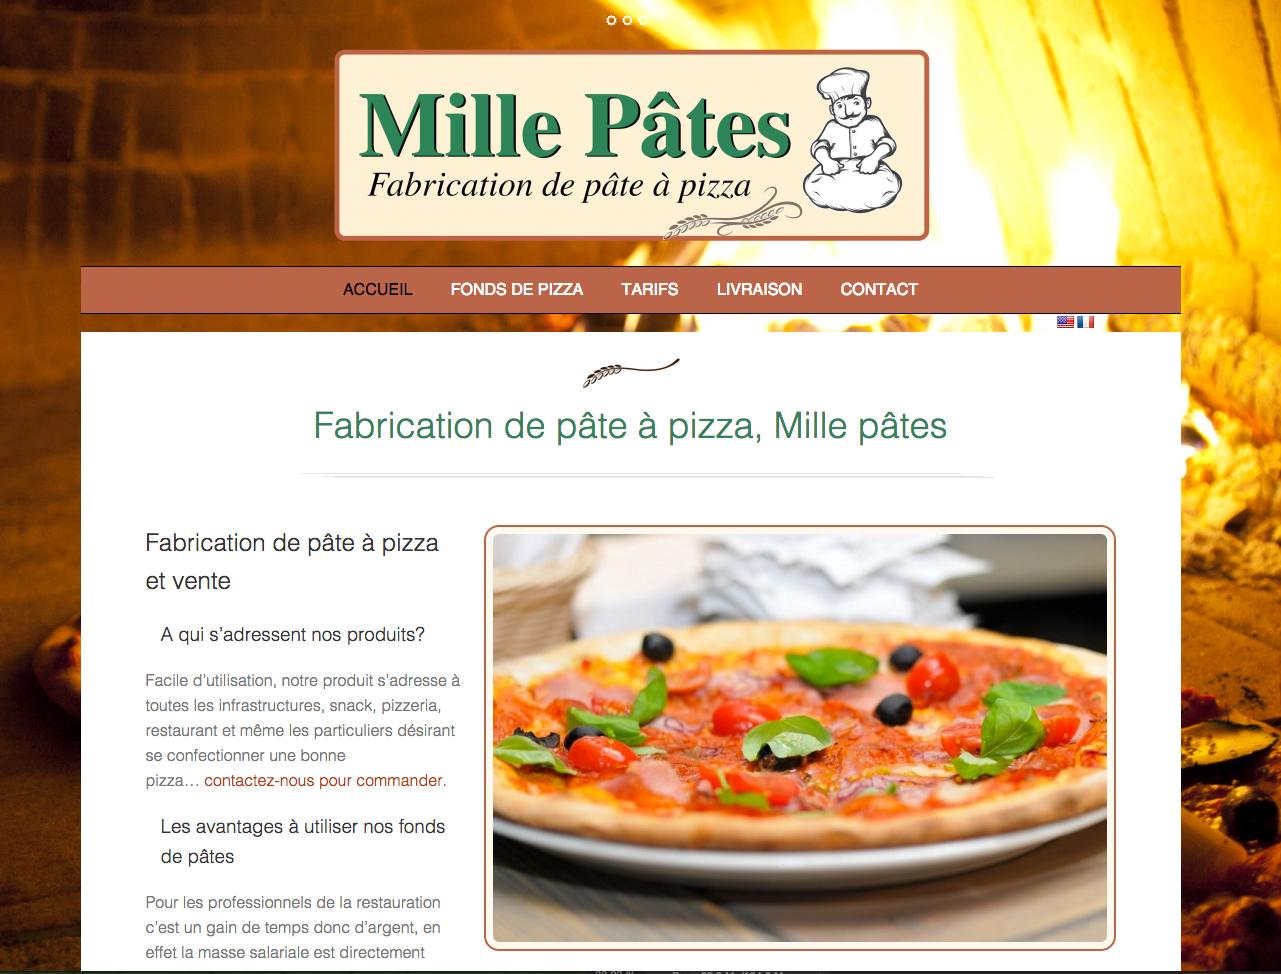 création de site internet pour la société Mille pâtes pizza, fabricant de fonds de pizza en Ardèche